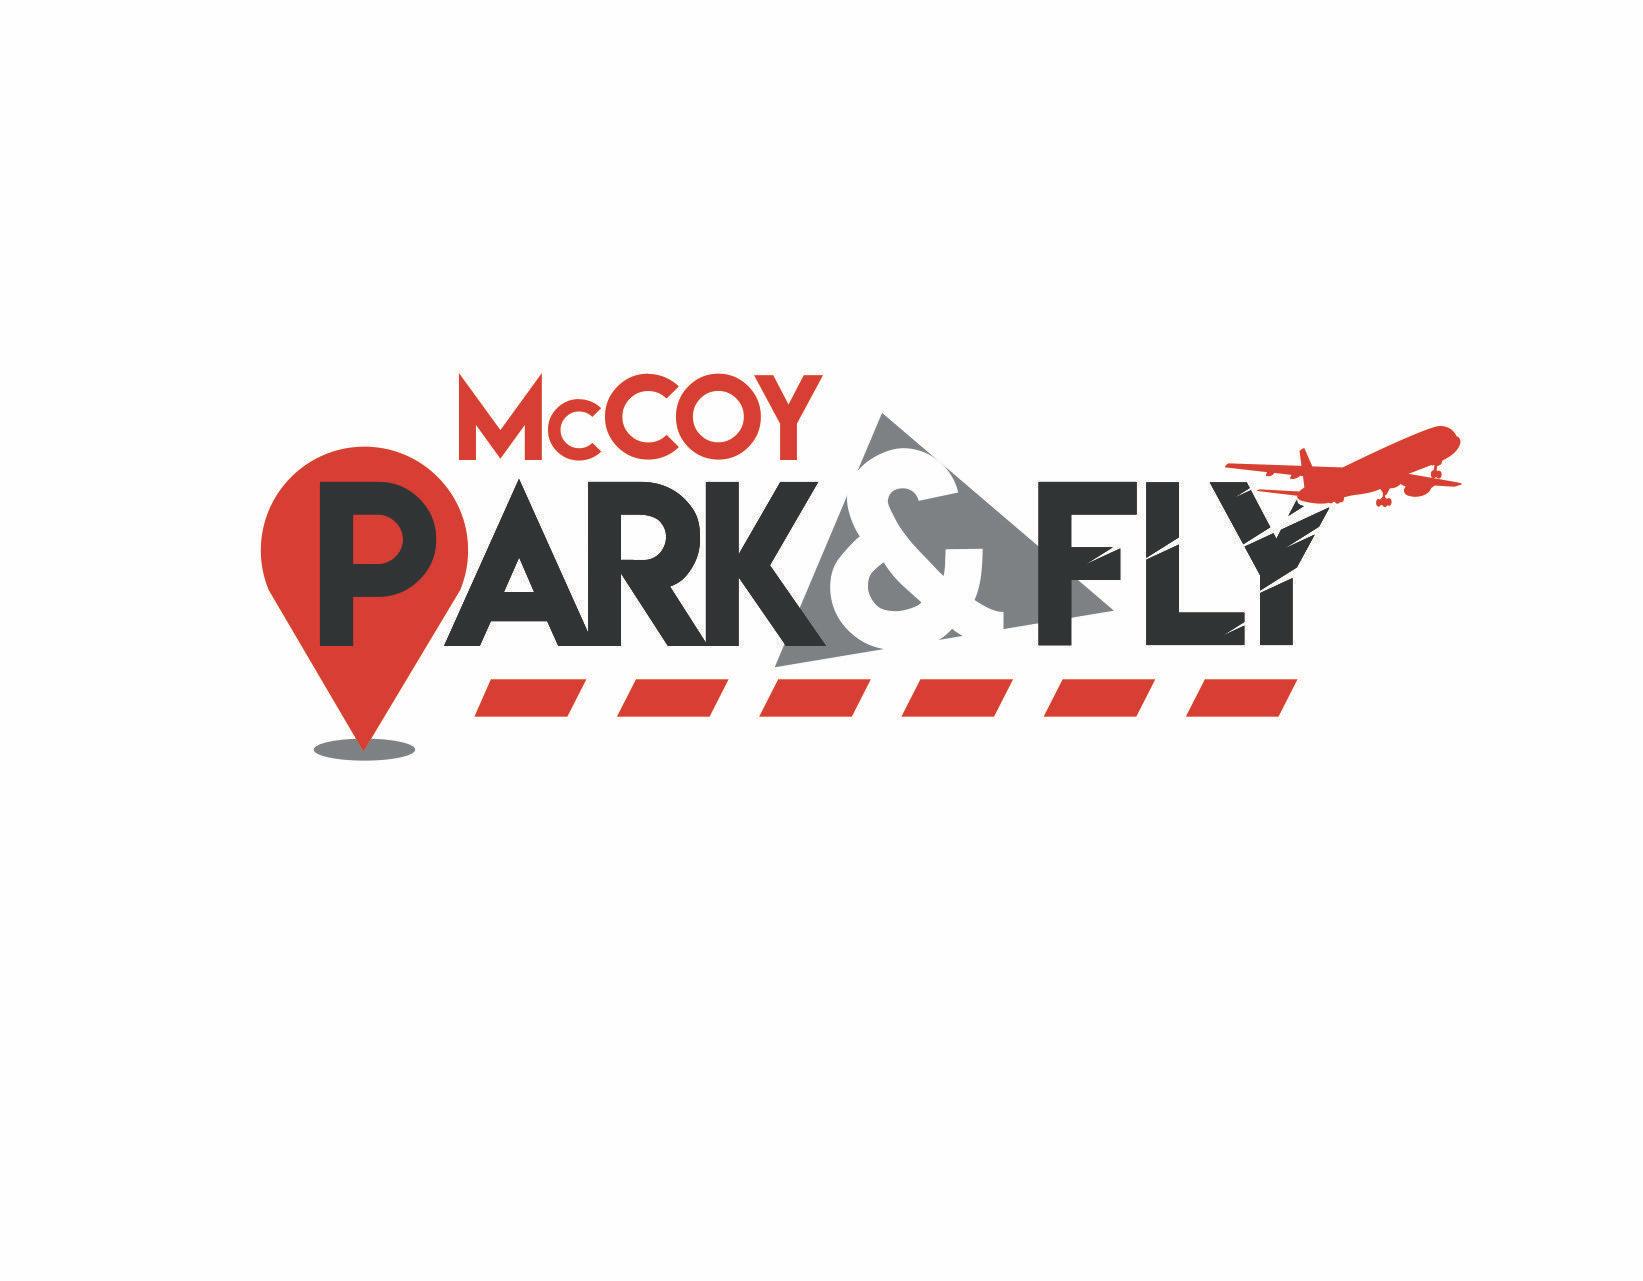 McCoy Park & Fly